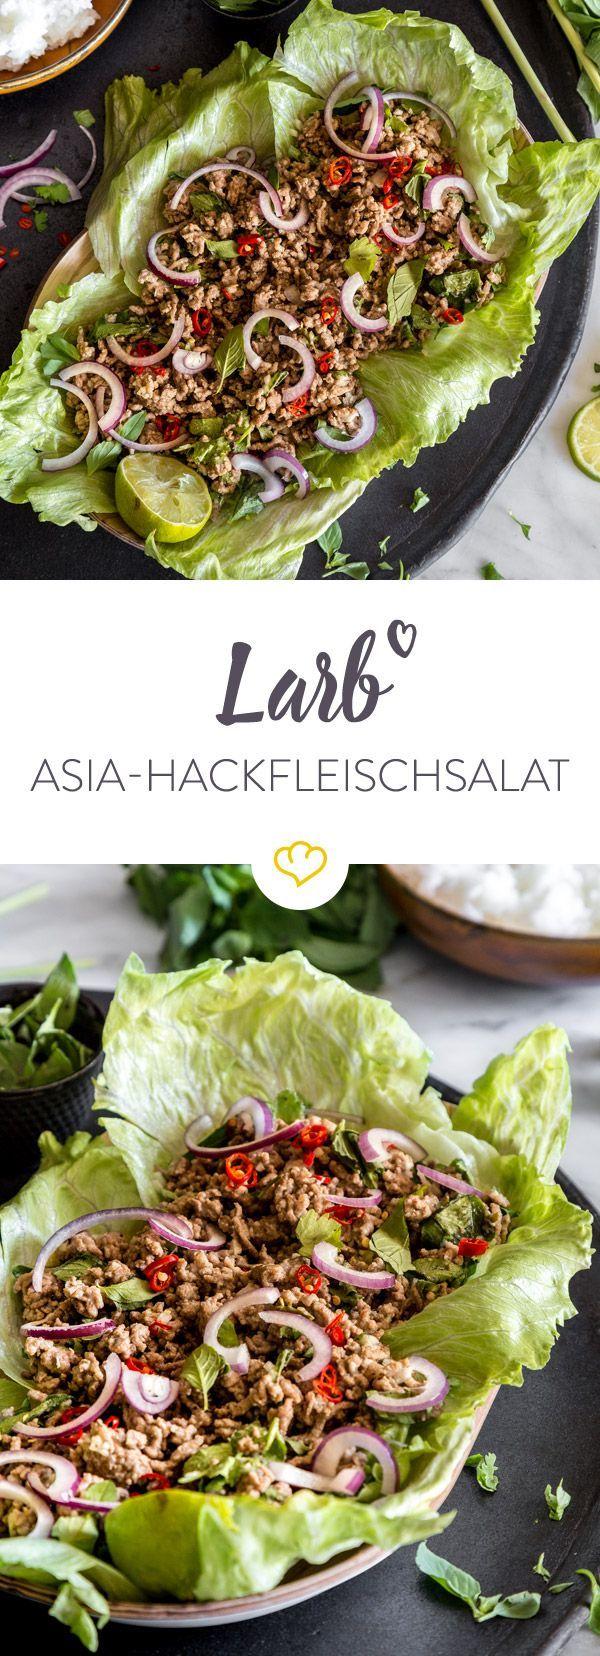 Laotisches Nationalgericht: lauwarmer Fleischsalat mit Koriander, Limette, Chili und Thai-Basilikum. Dazu gibt es köstlichen Klebereis.